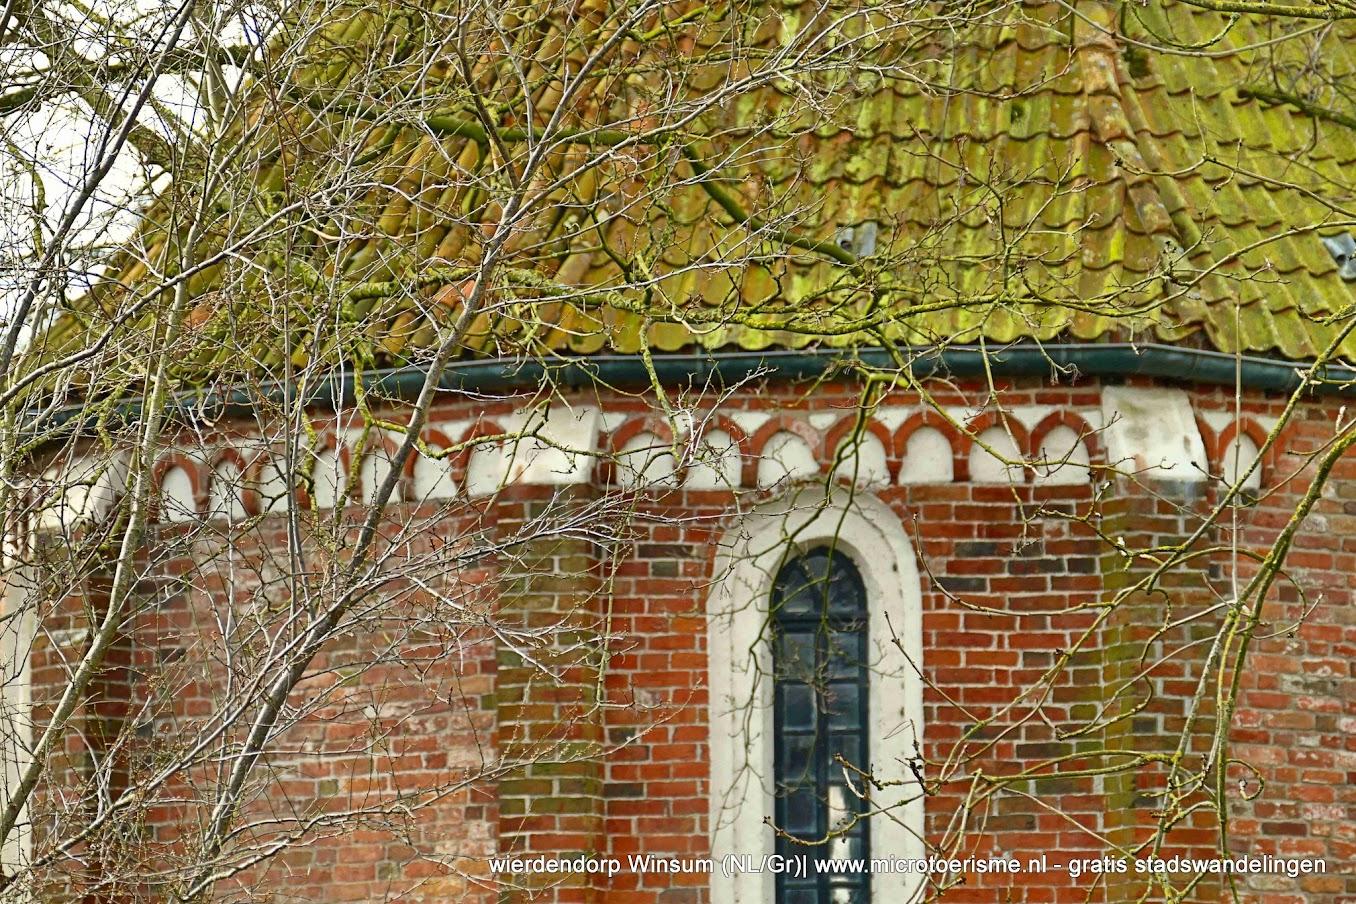 Aangeboden door: Stichting Microtoerisme InZicht Fotoblog Winsum toren kerk nederlands hervormd fries